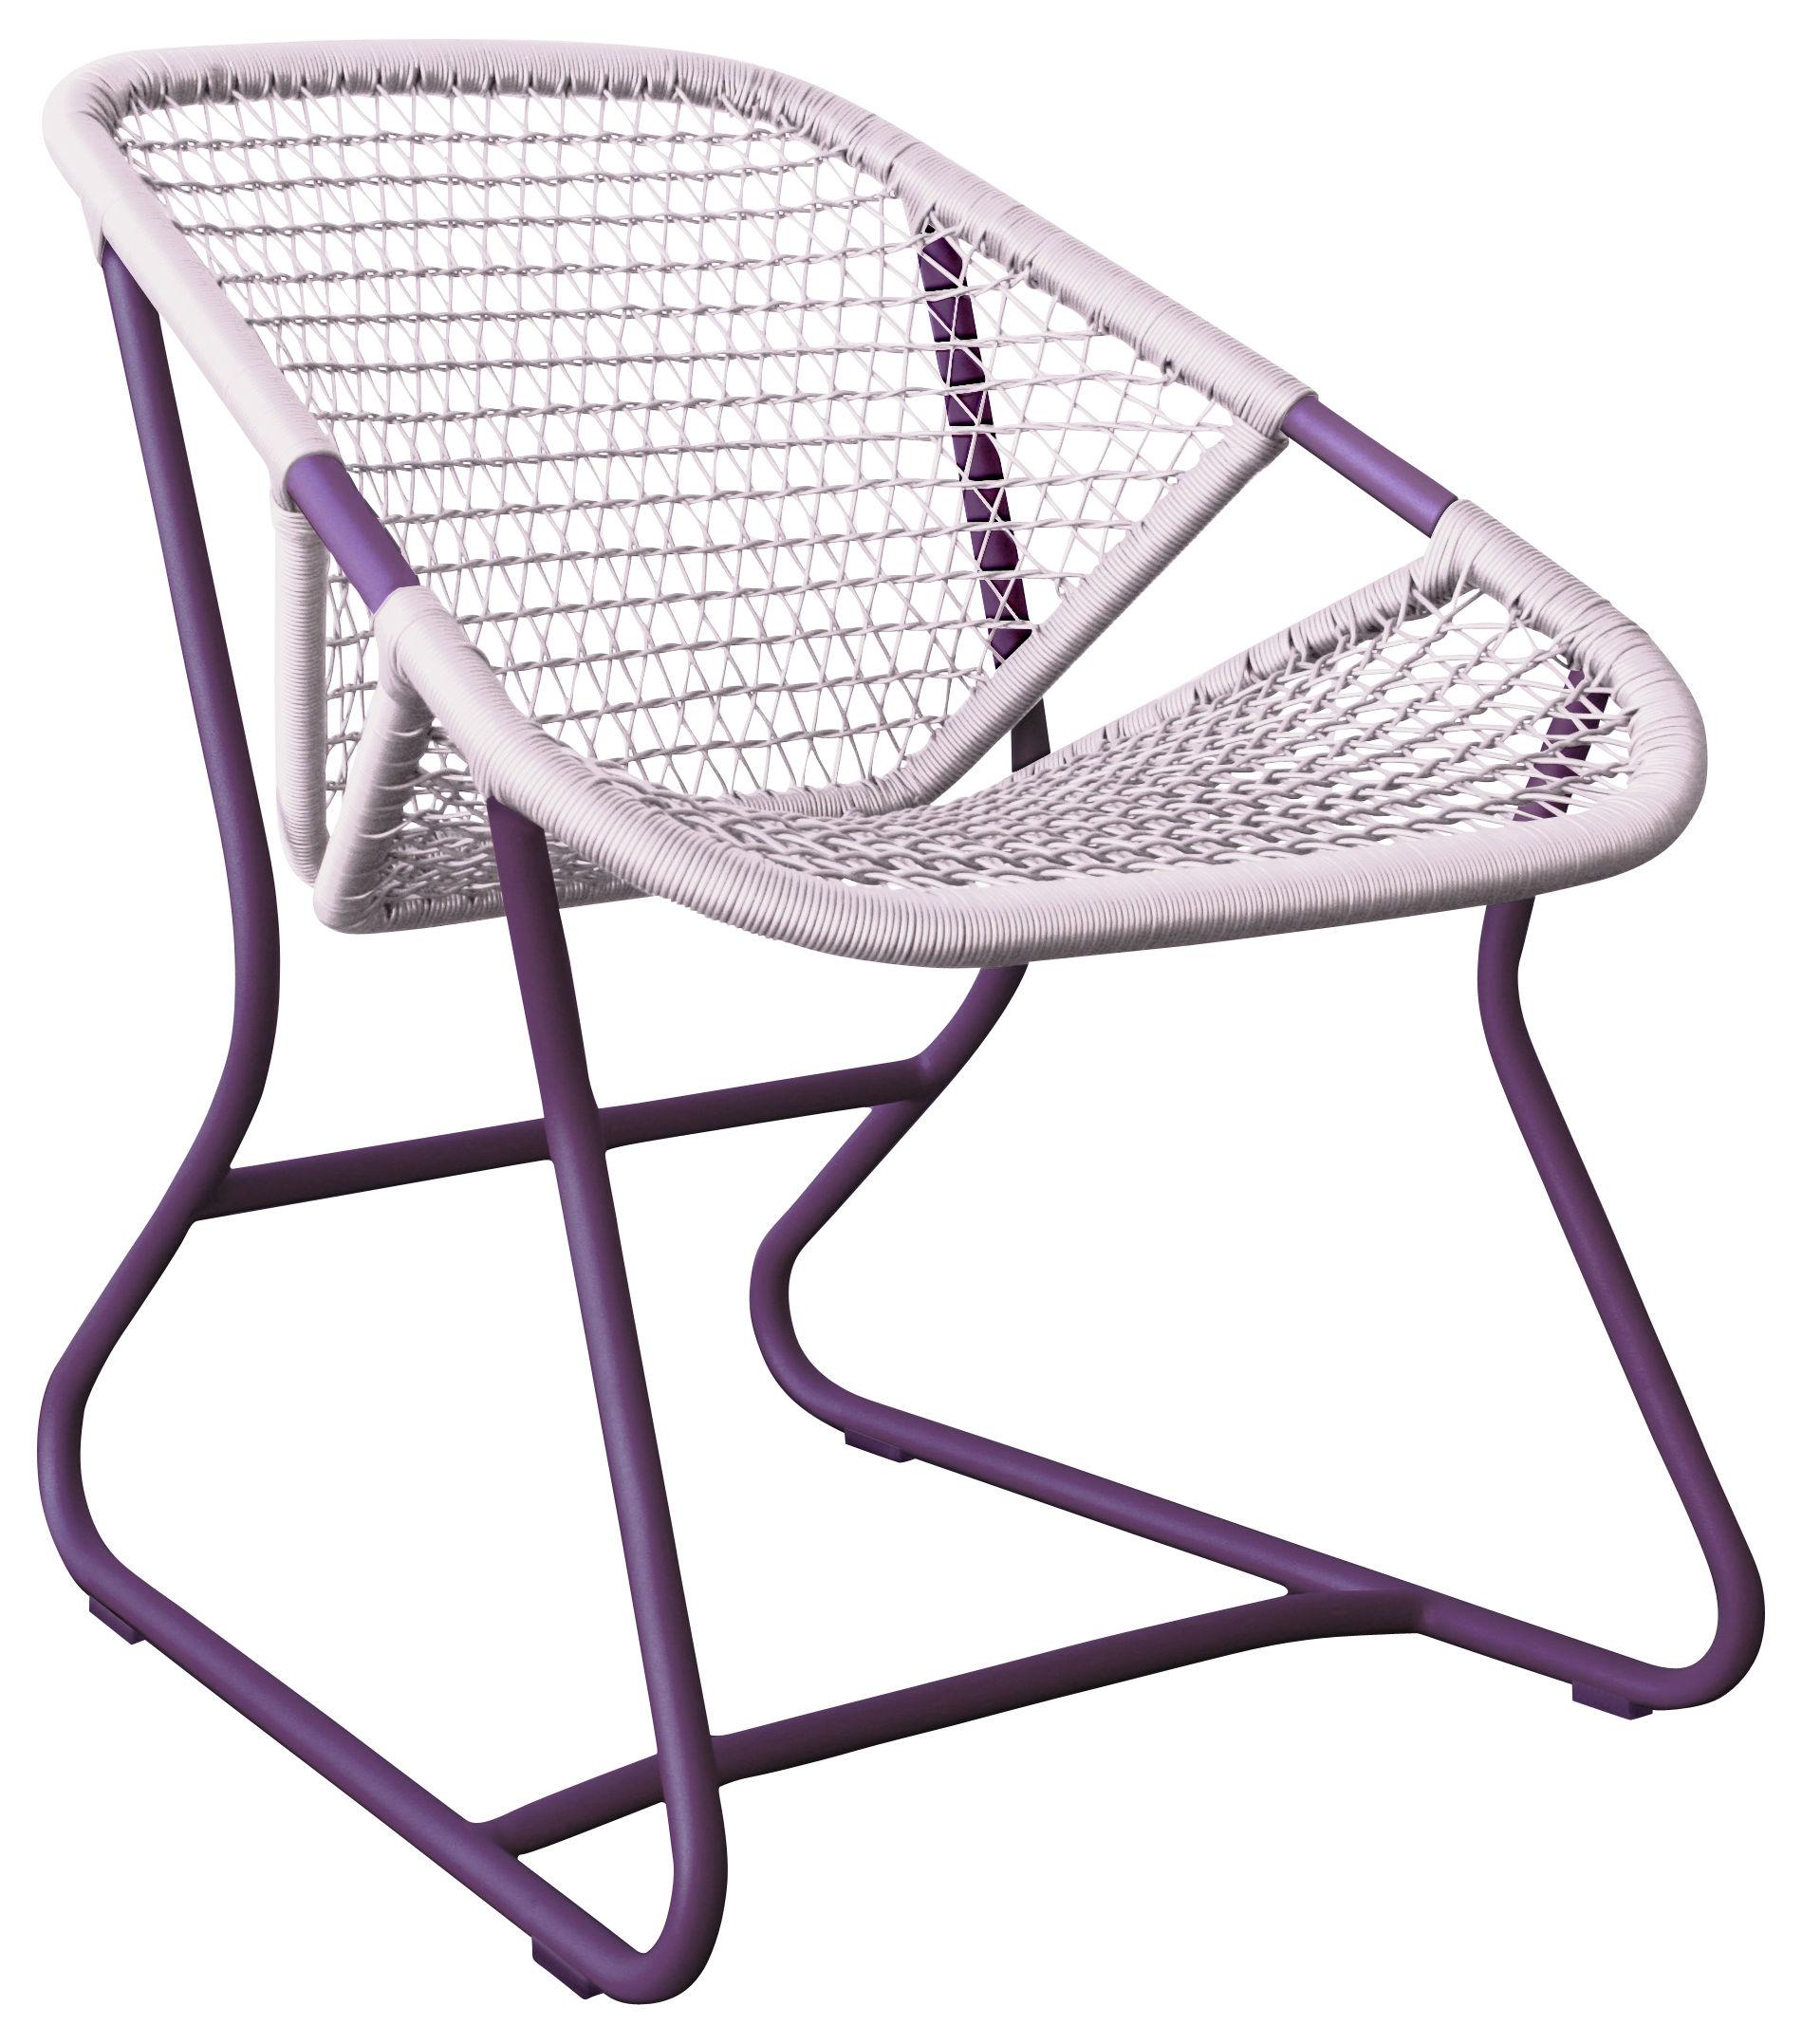 Möbel - Lounge Sessel - Sixties Lounge Sessel - Fermob - Gestell: aubergine / Sitzfläche: Pfingstrose - Aluminium, Plastikmaterial